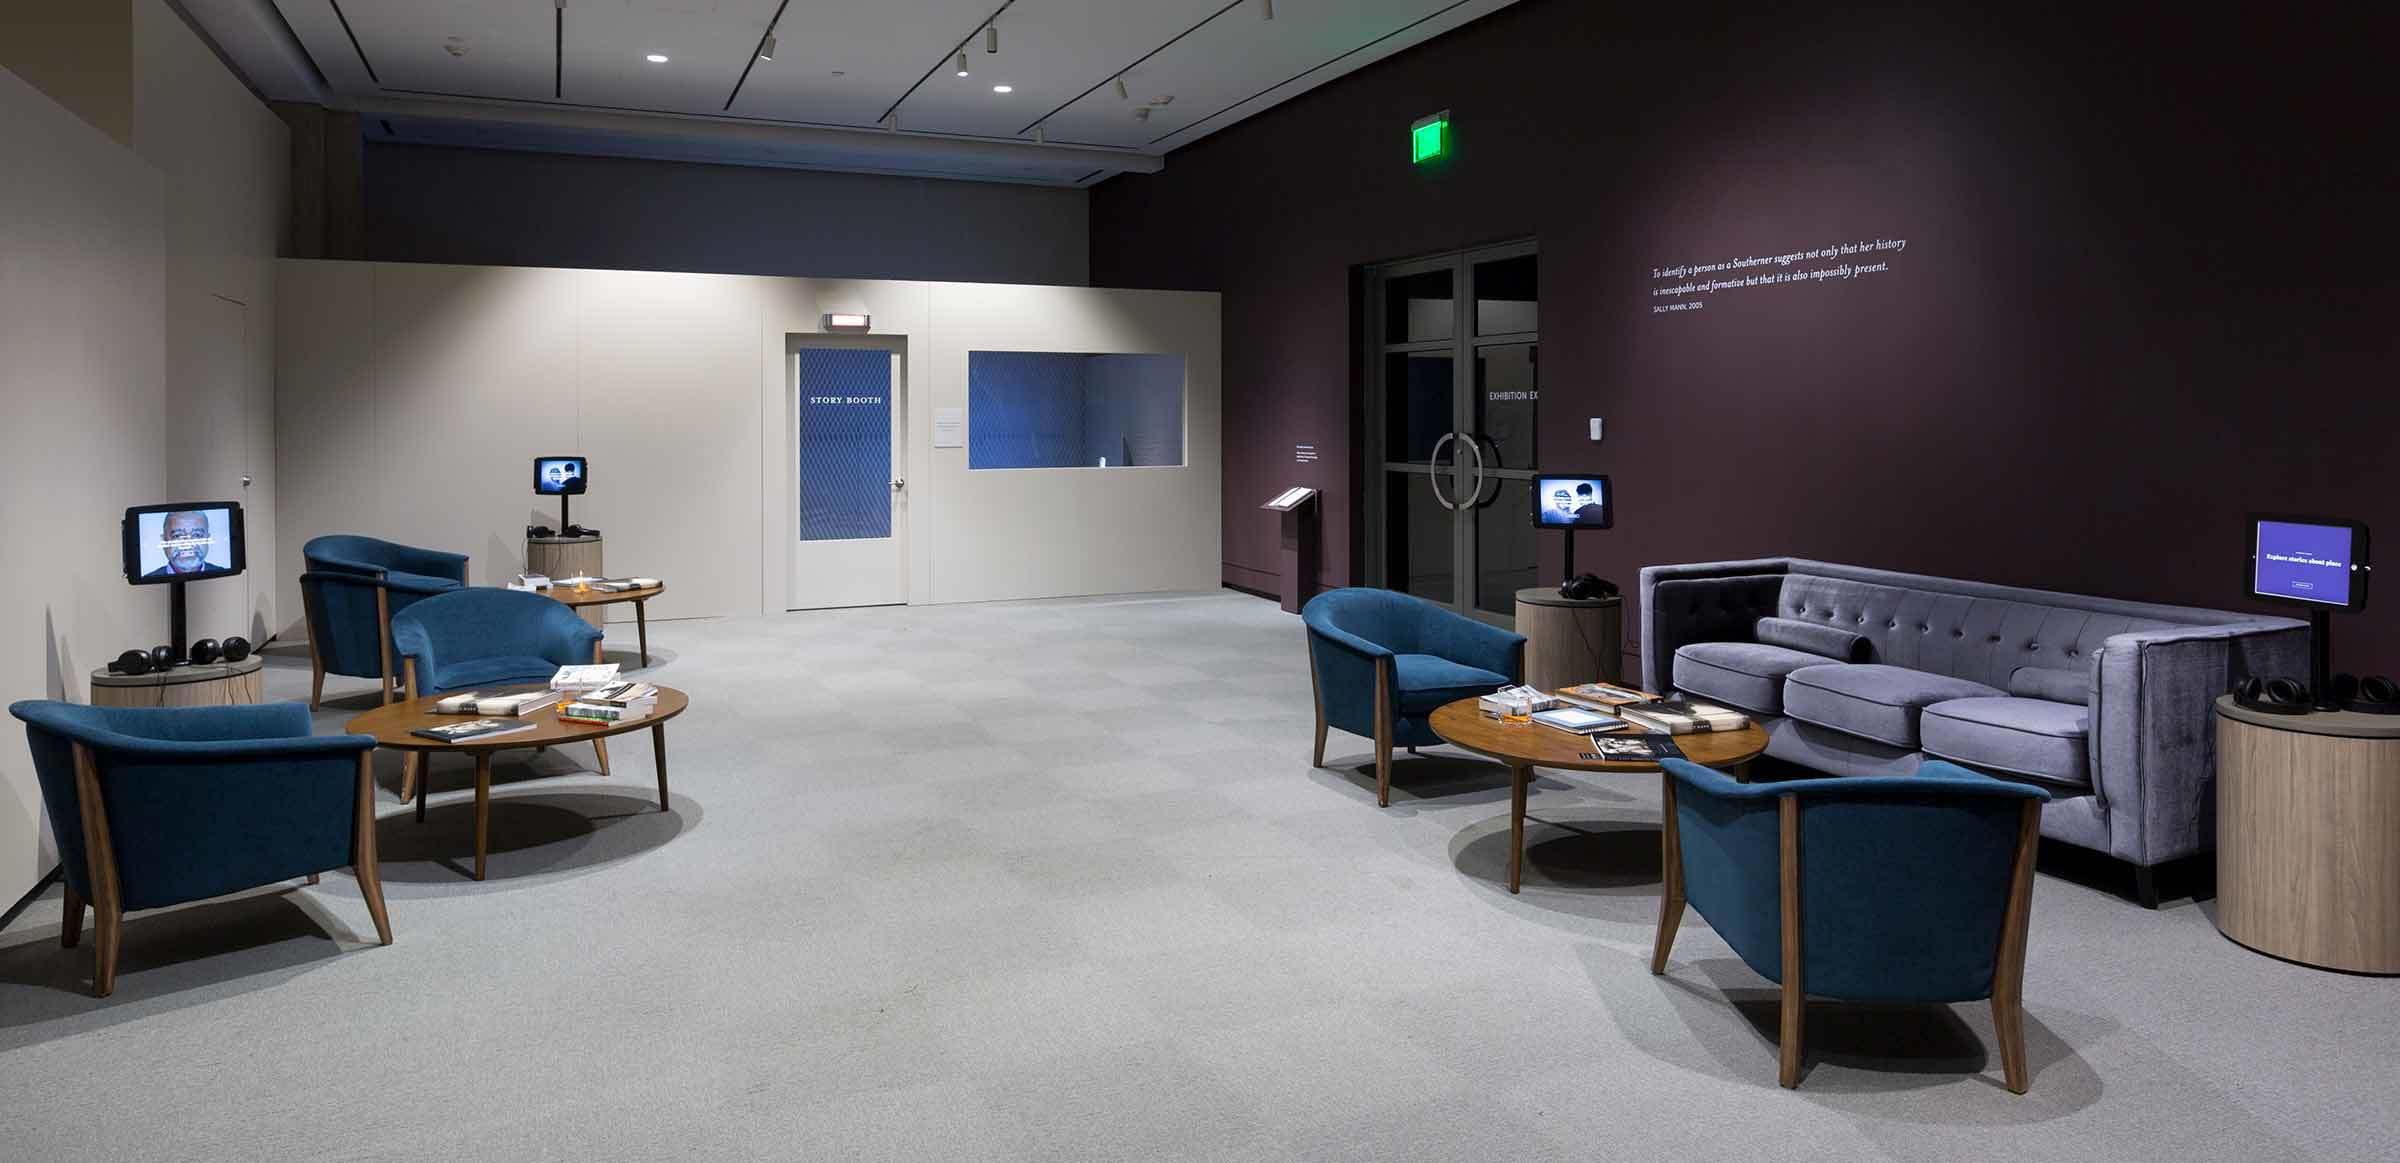 sally mann exhibition